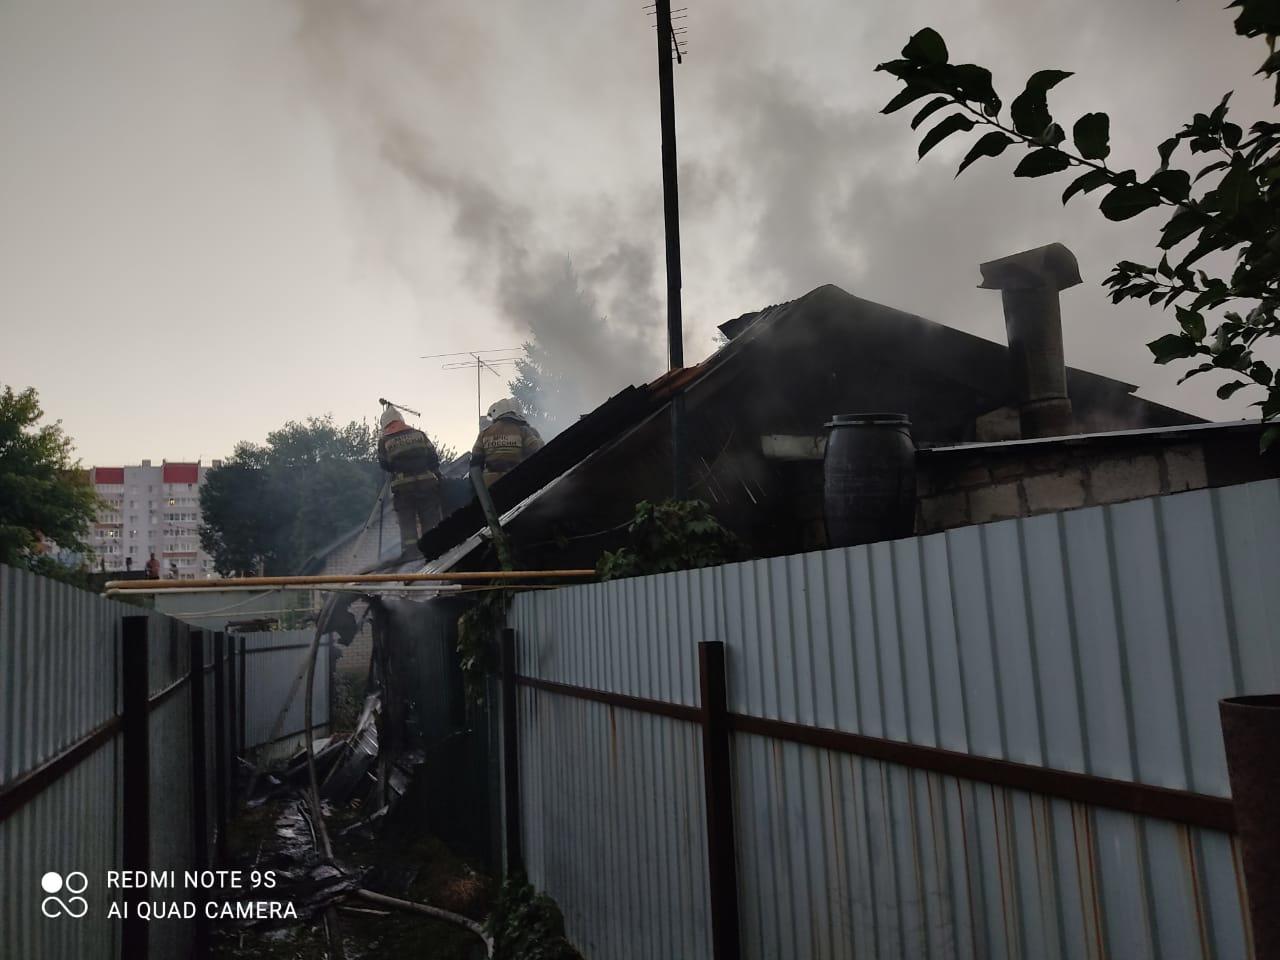 Видео: в Самаре 11 сентября 2021 года сгорел частный дом